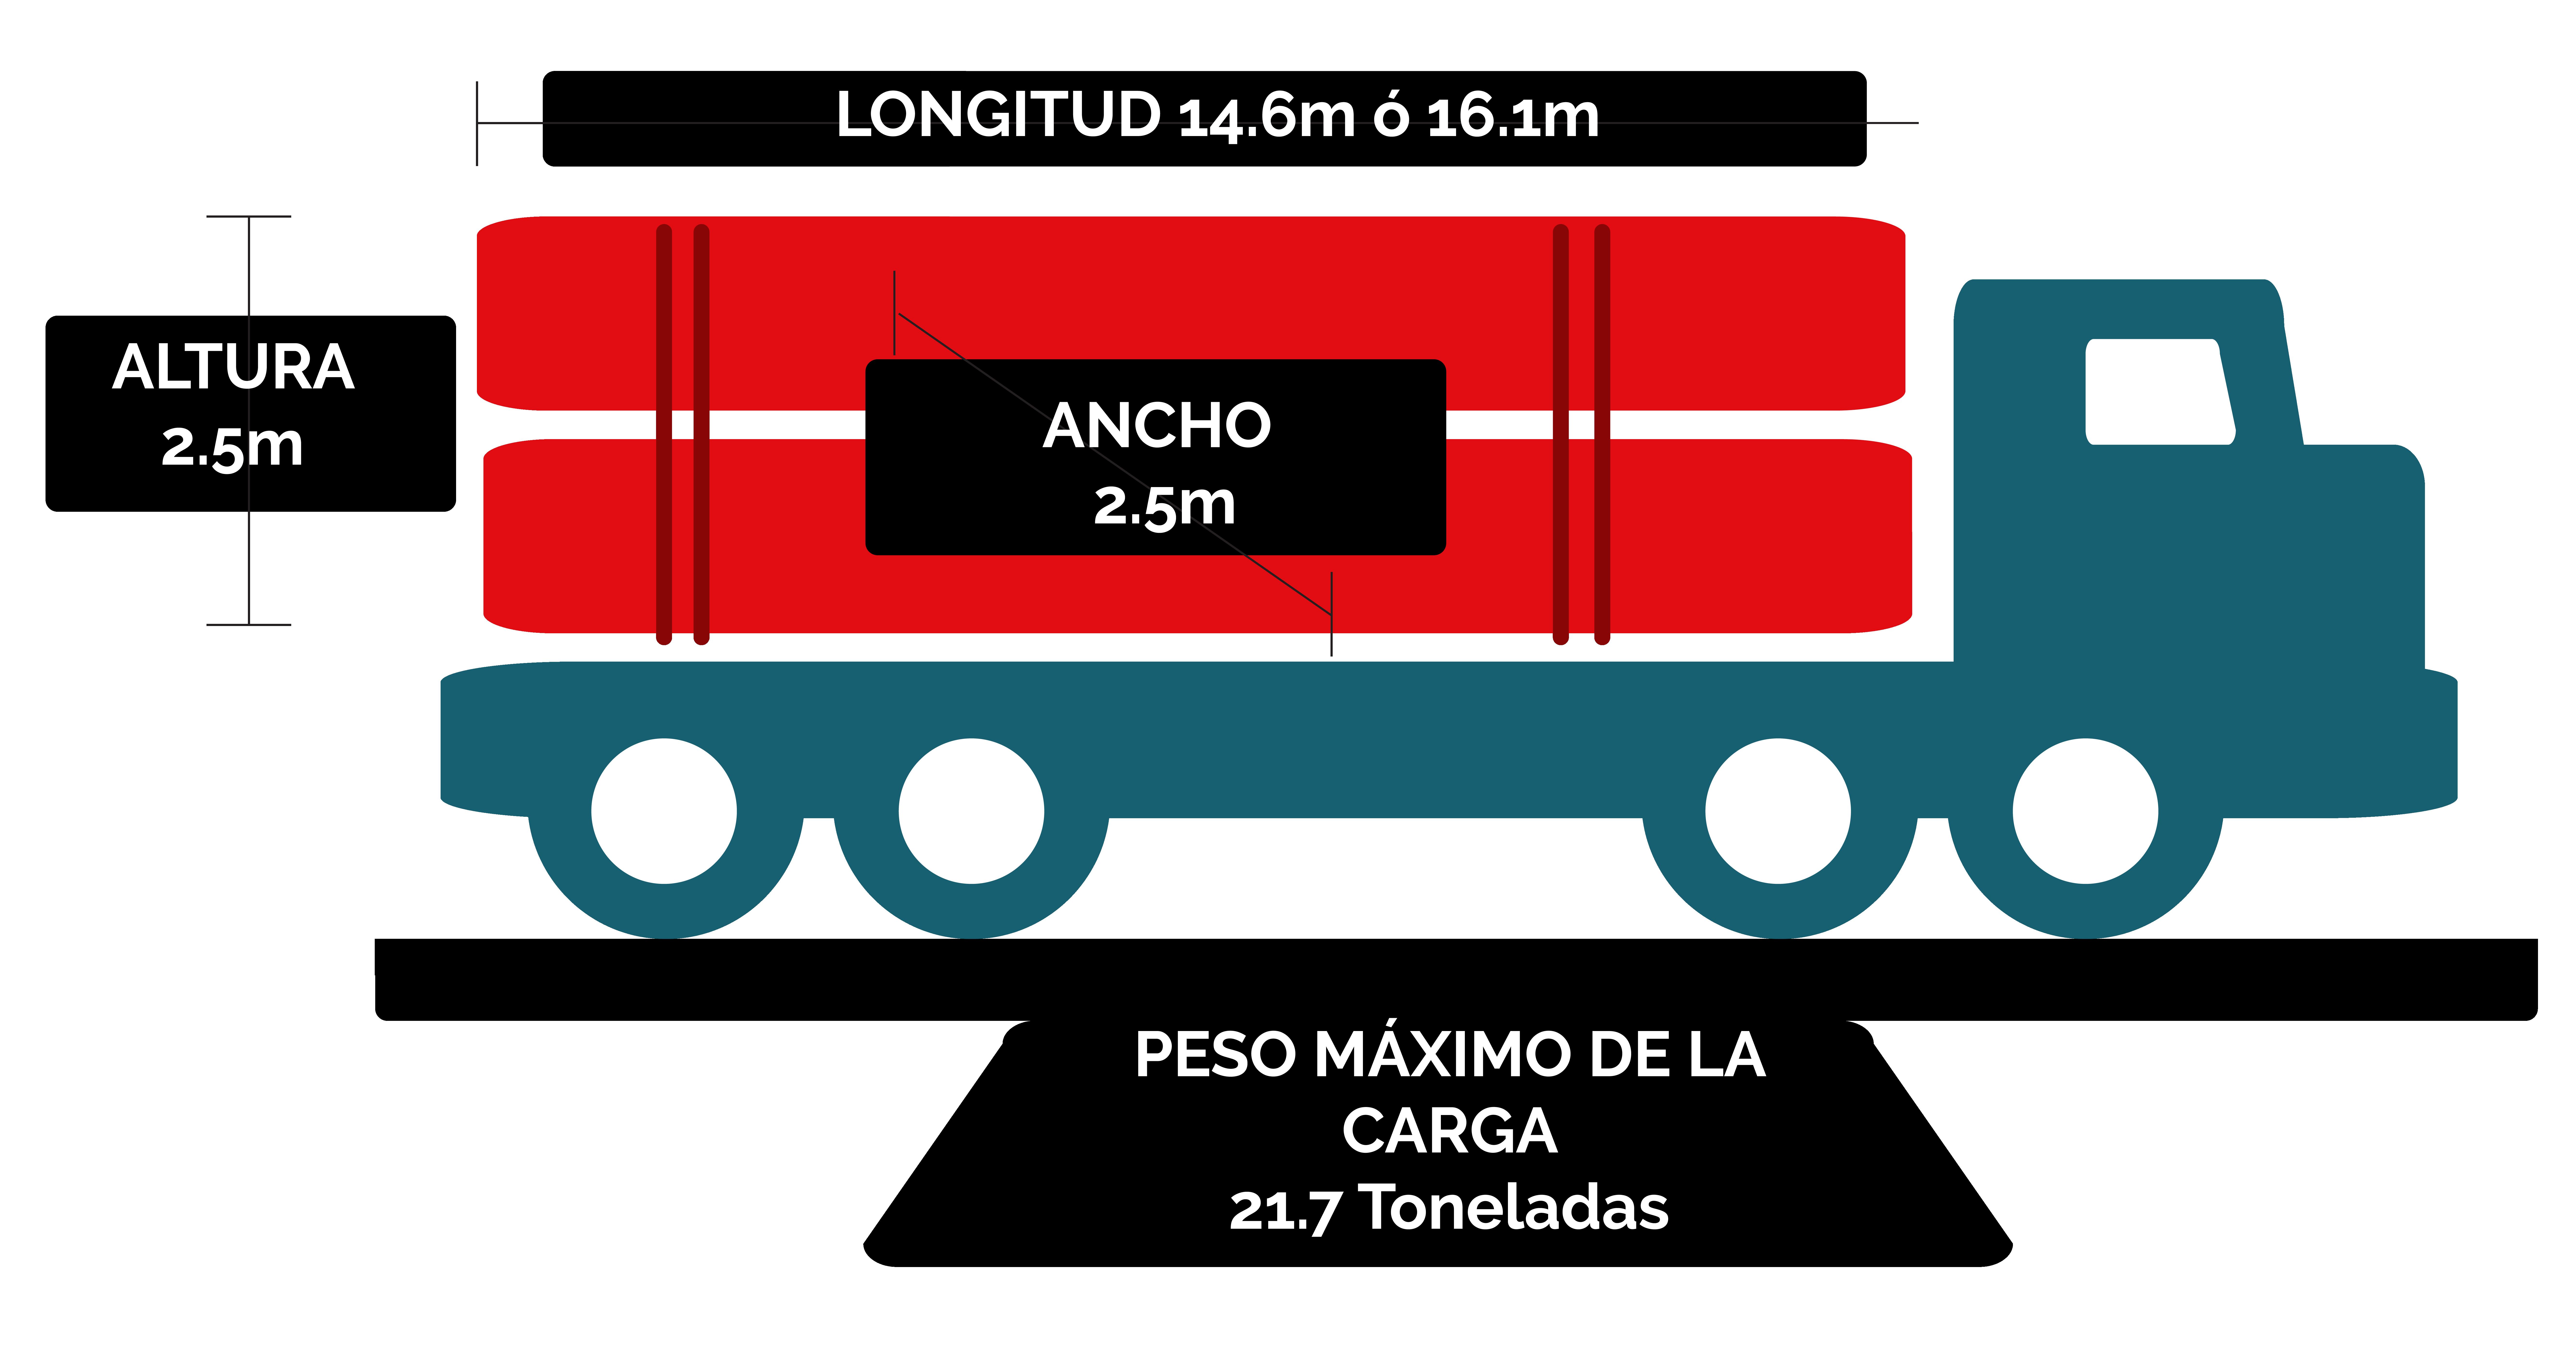 Transporte terrestre de carga en plataformas, entre Mexico, Estados Unidos y Canada